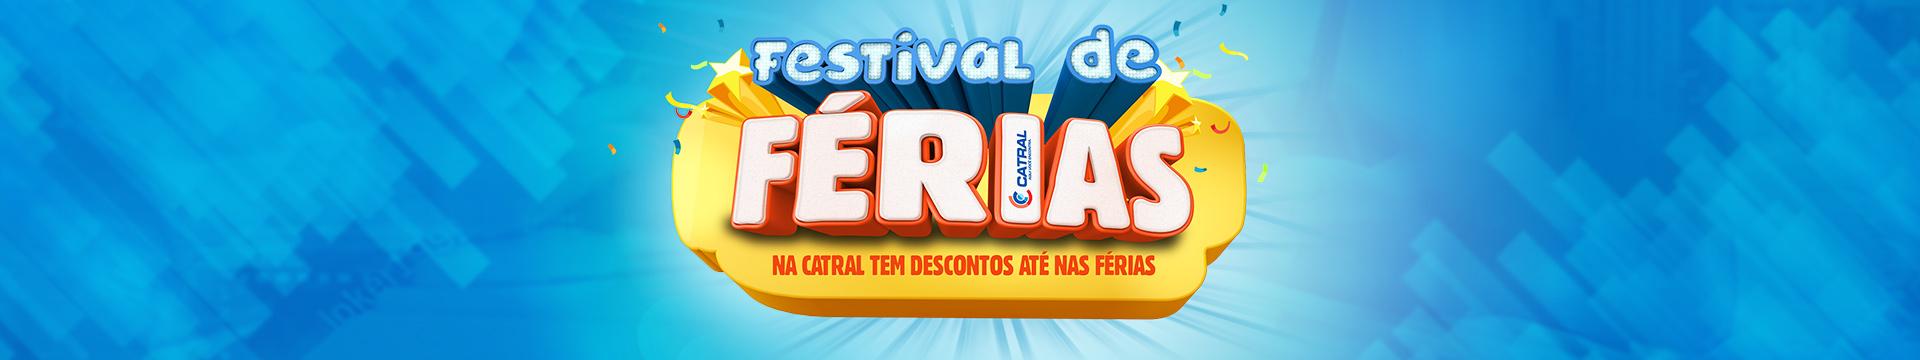 Festival férias - Capa